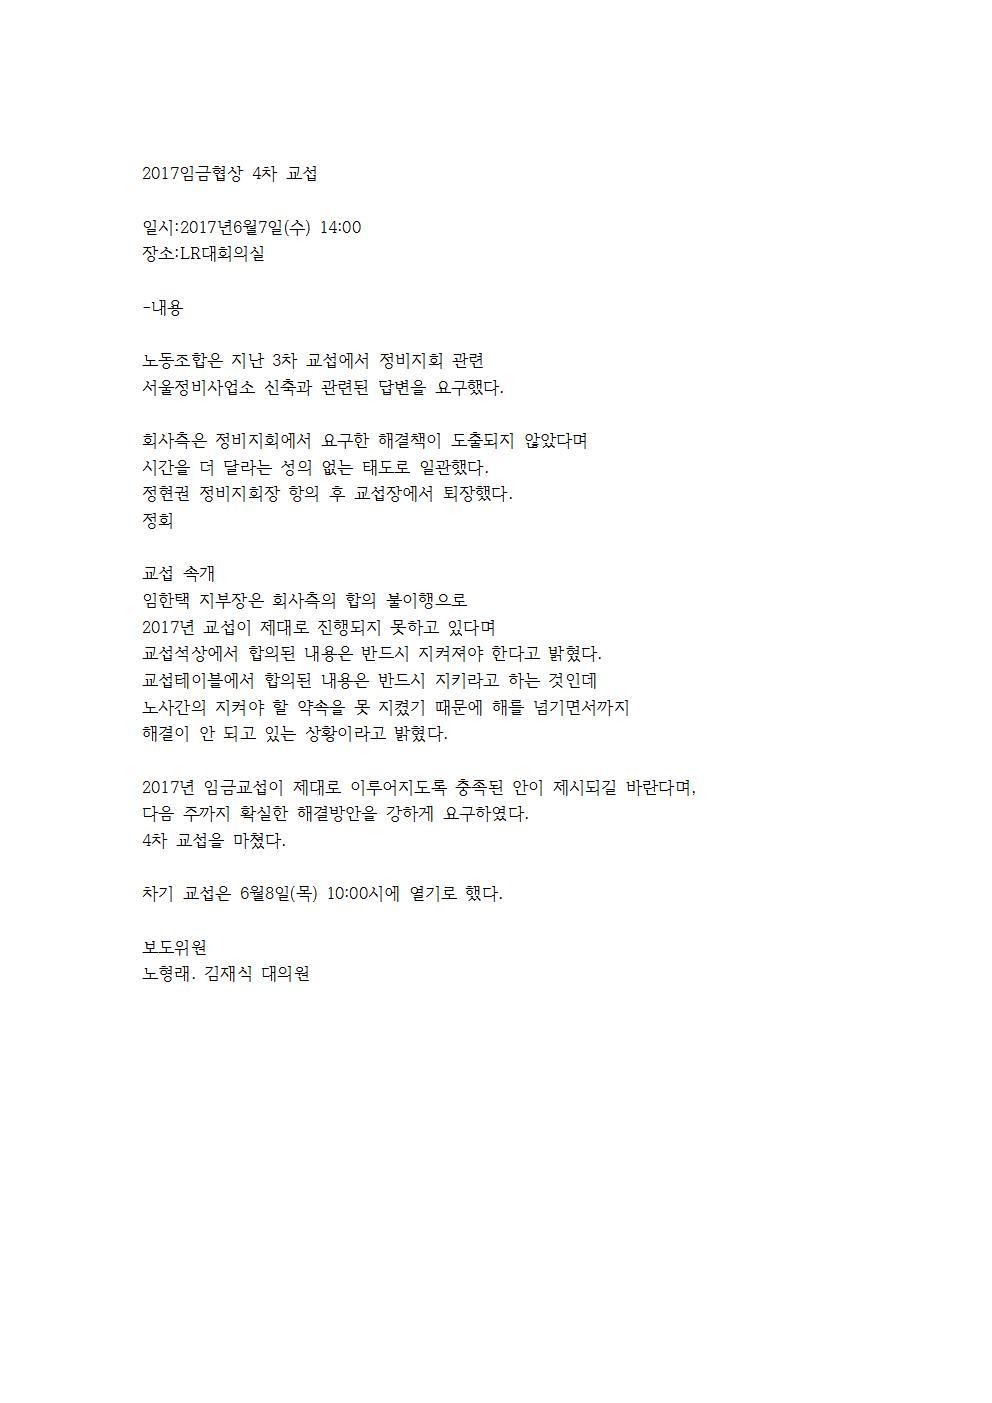 2017임금협상 4차교섭001.jpg